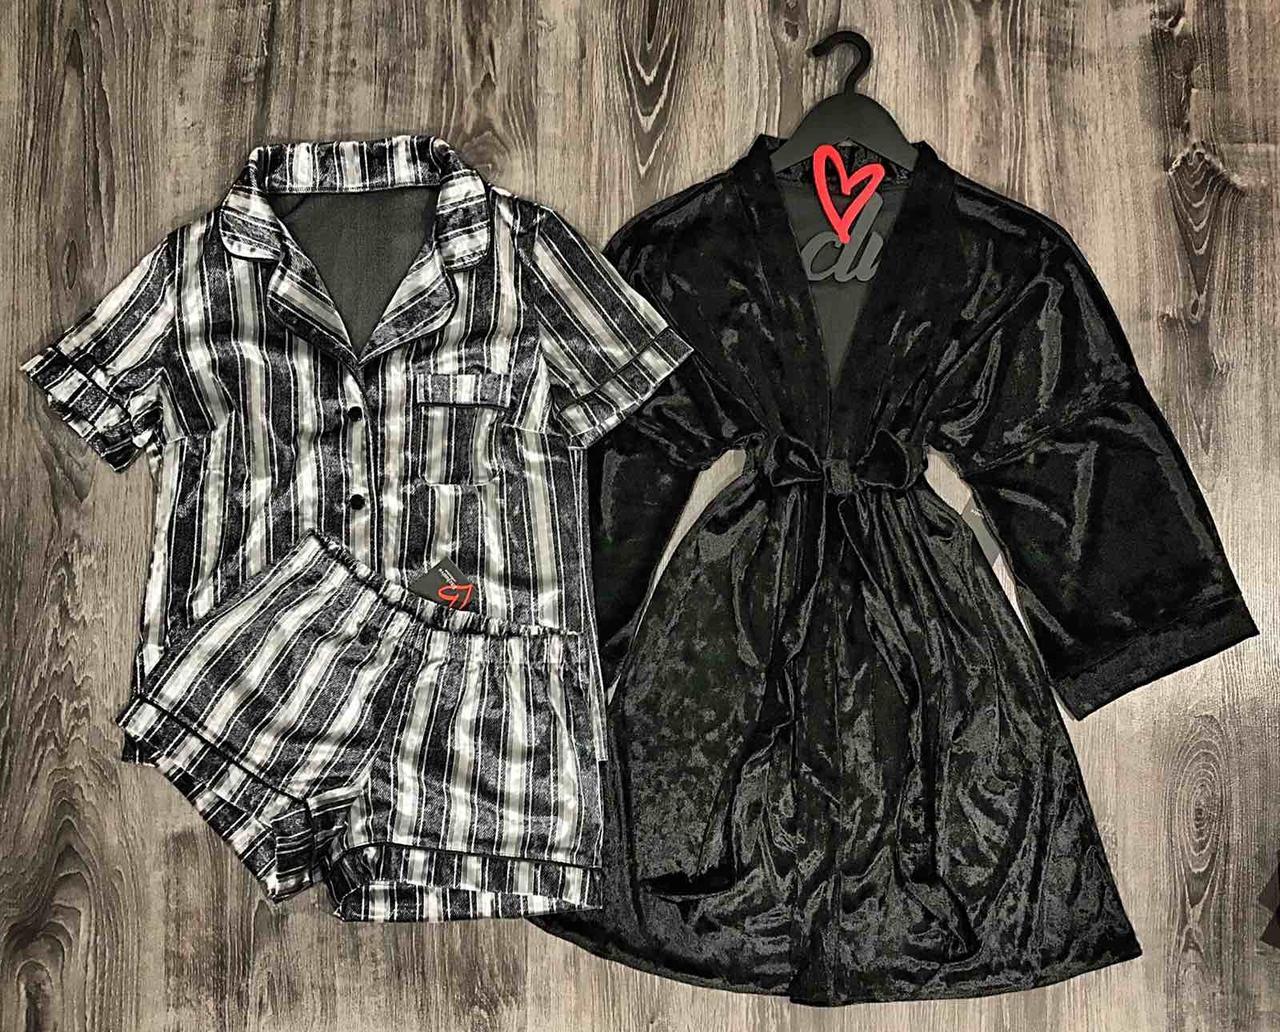 Велюровый комплект тройка для сна и отдыха, халат+пижама.